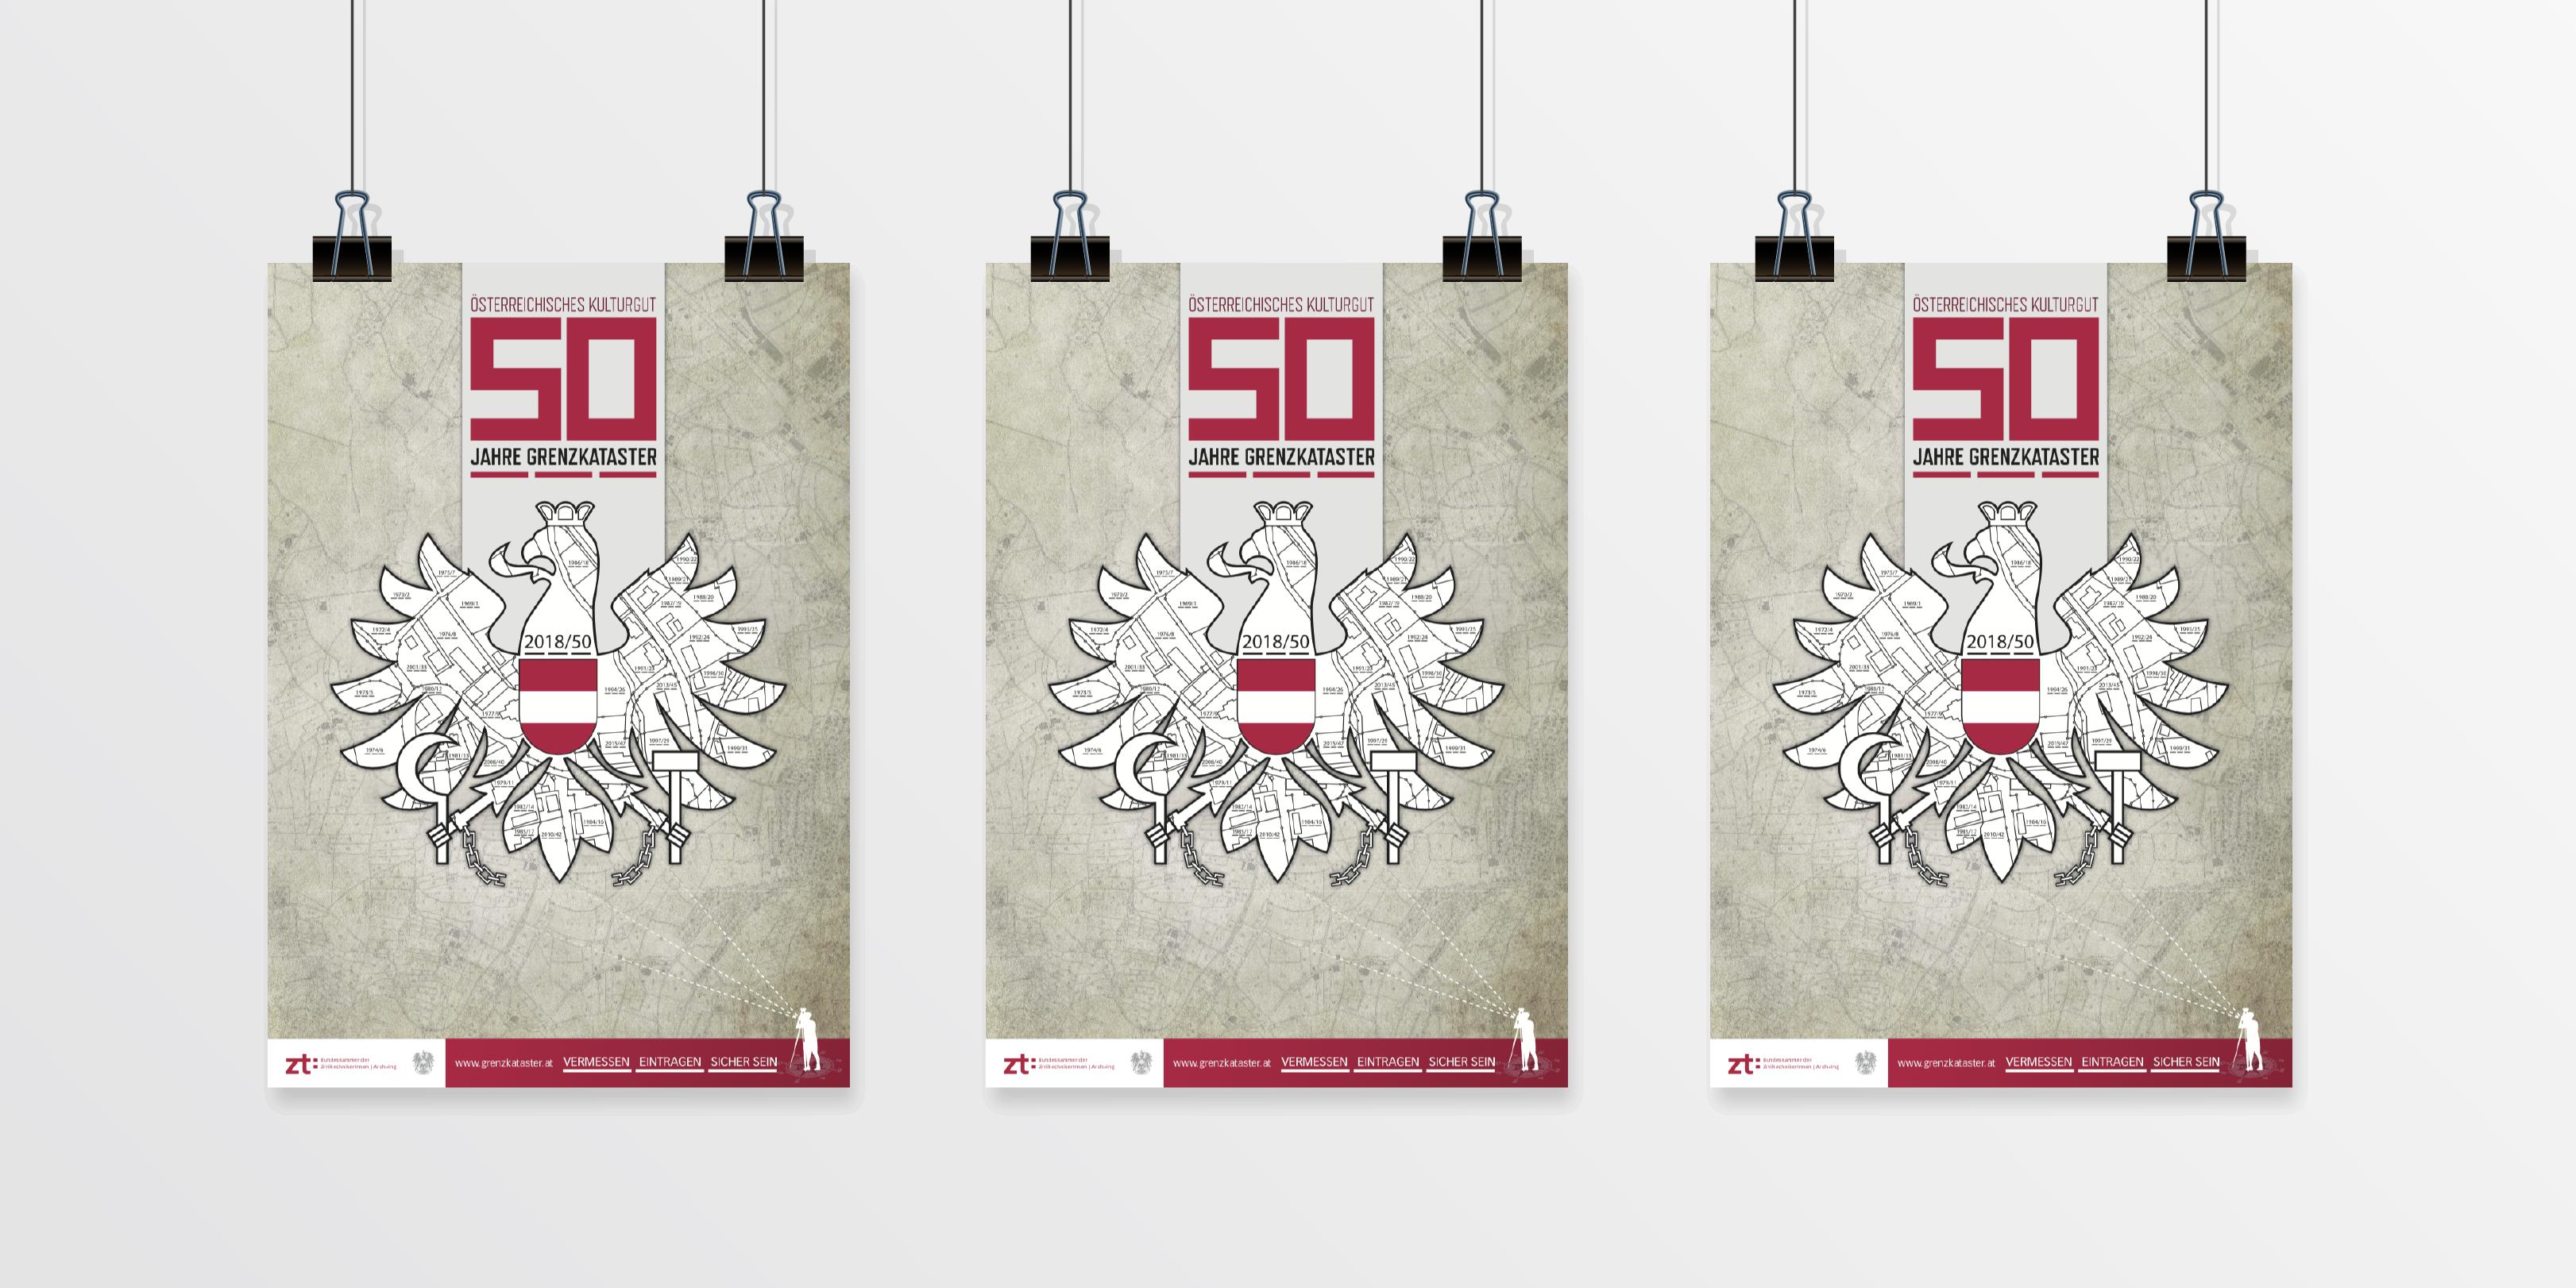 Plakate-Grenzkataster-dsignery-01